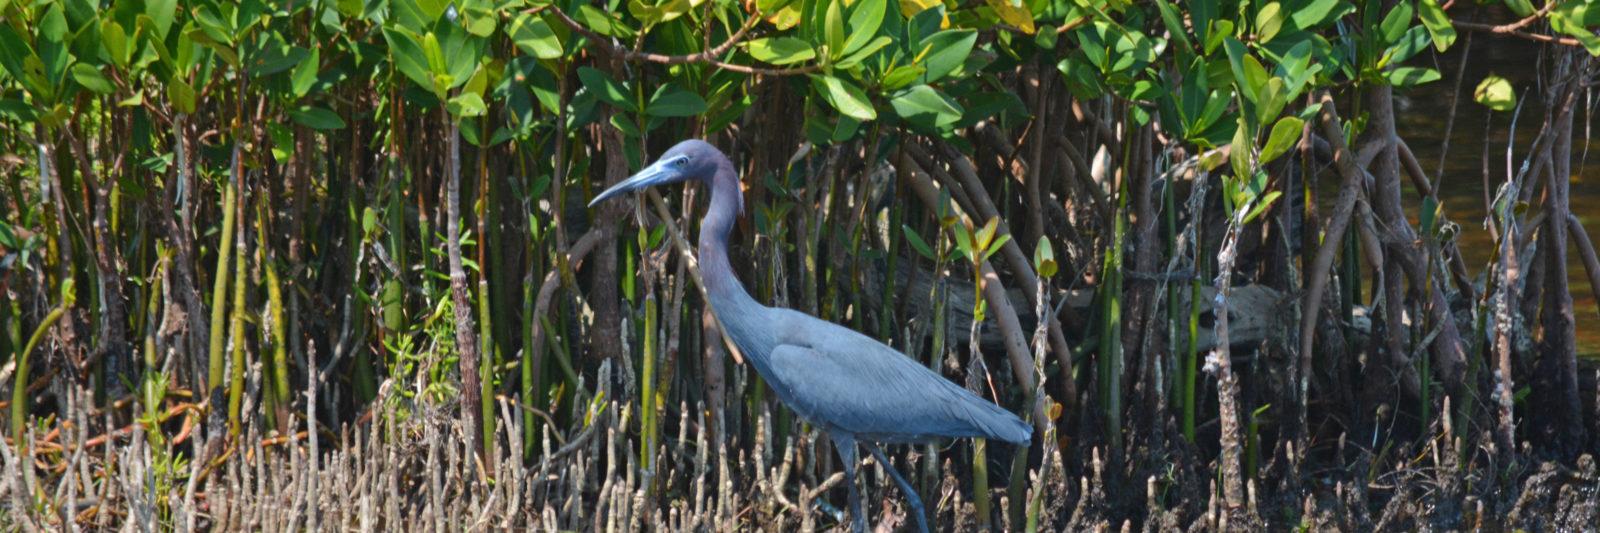 Ding Darling little blue heron